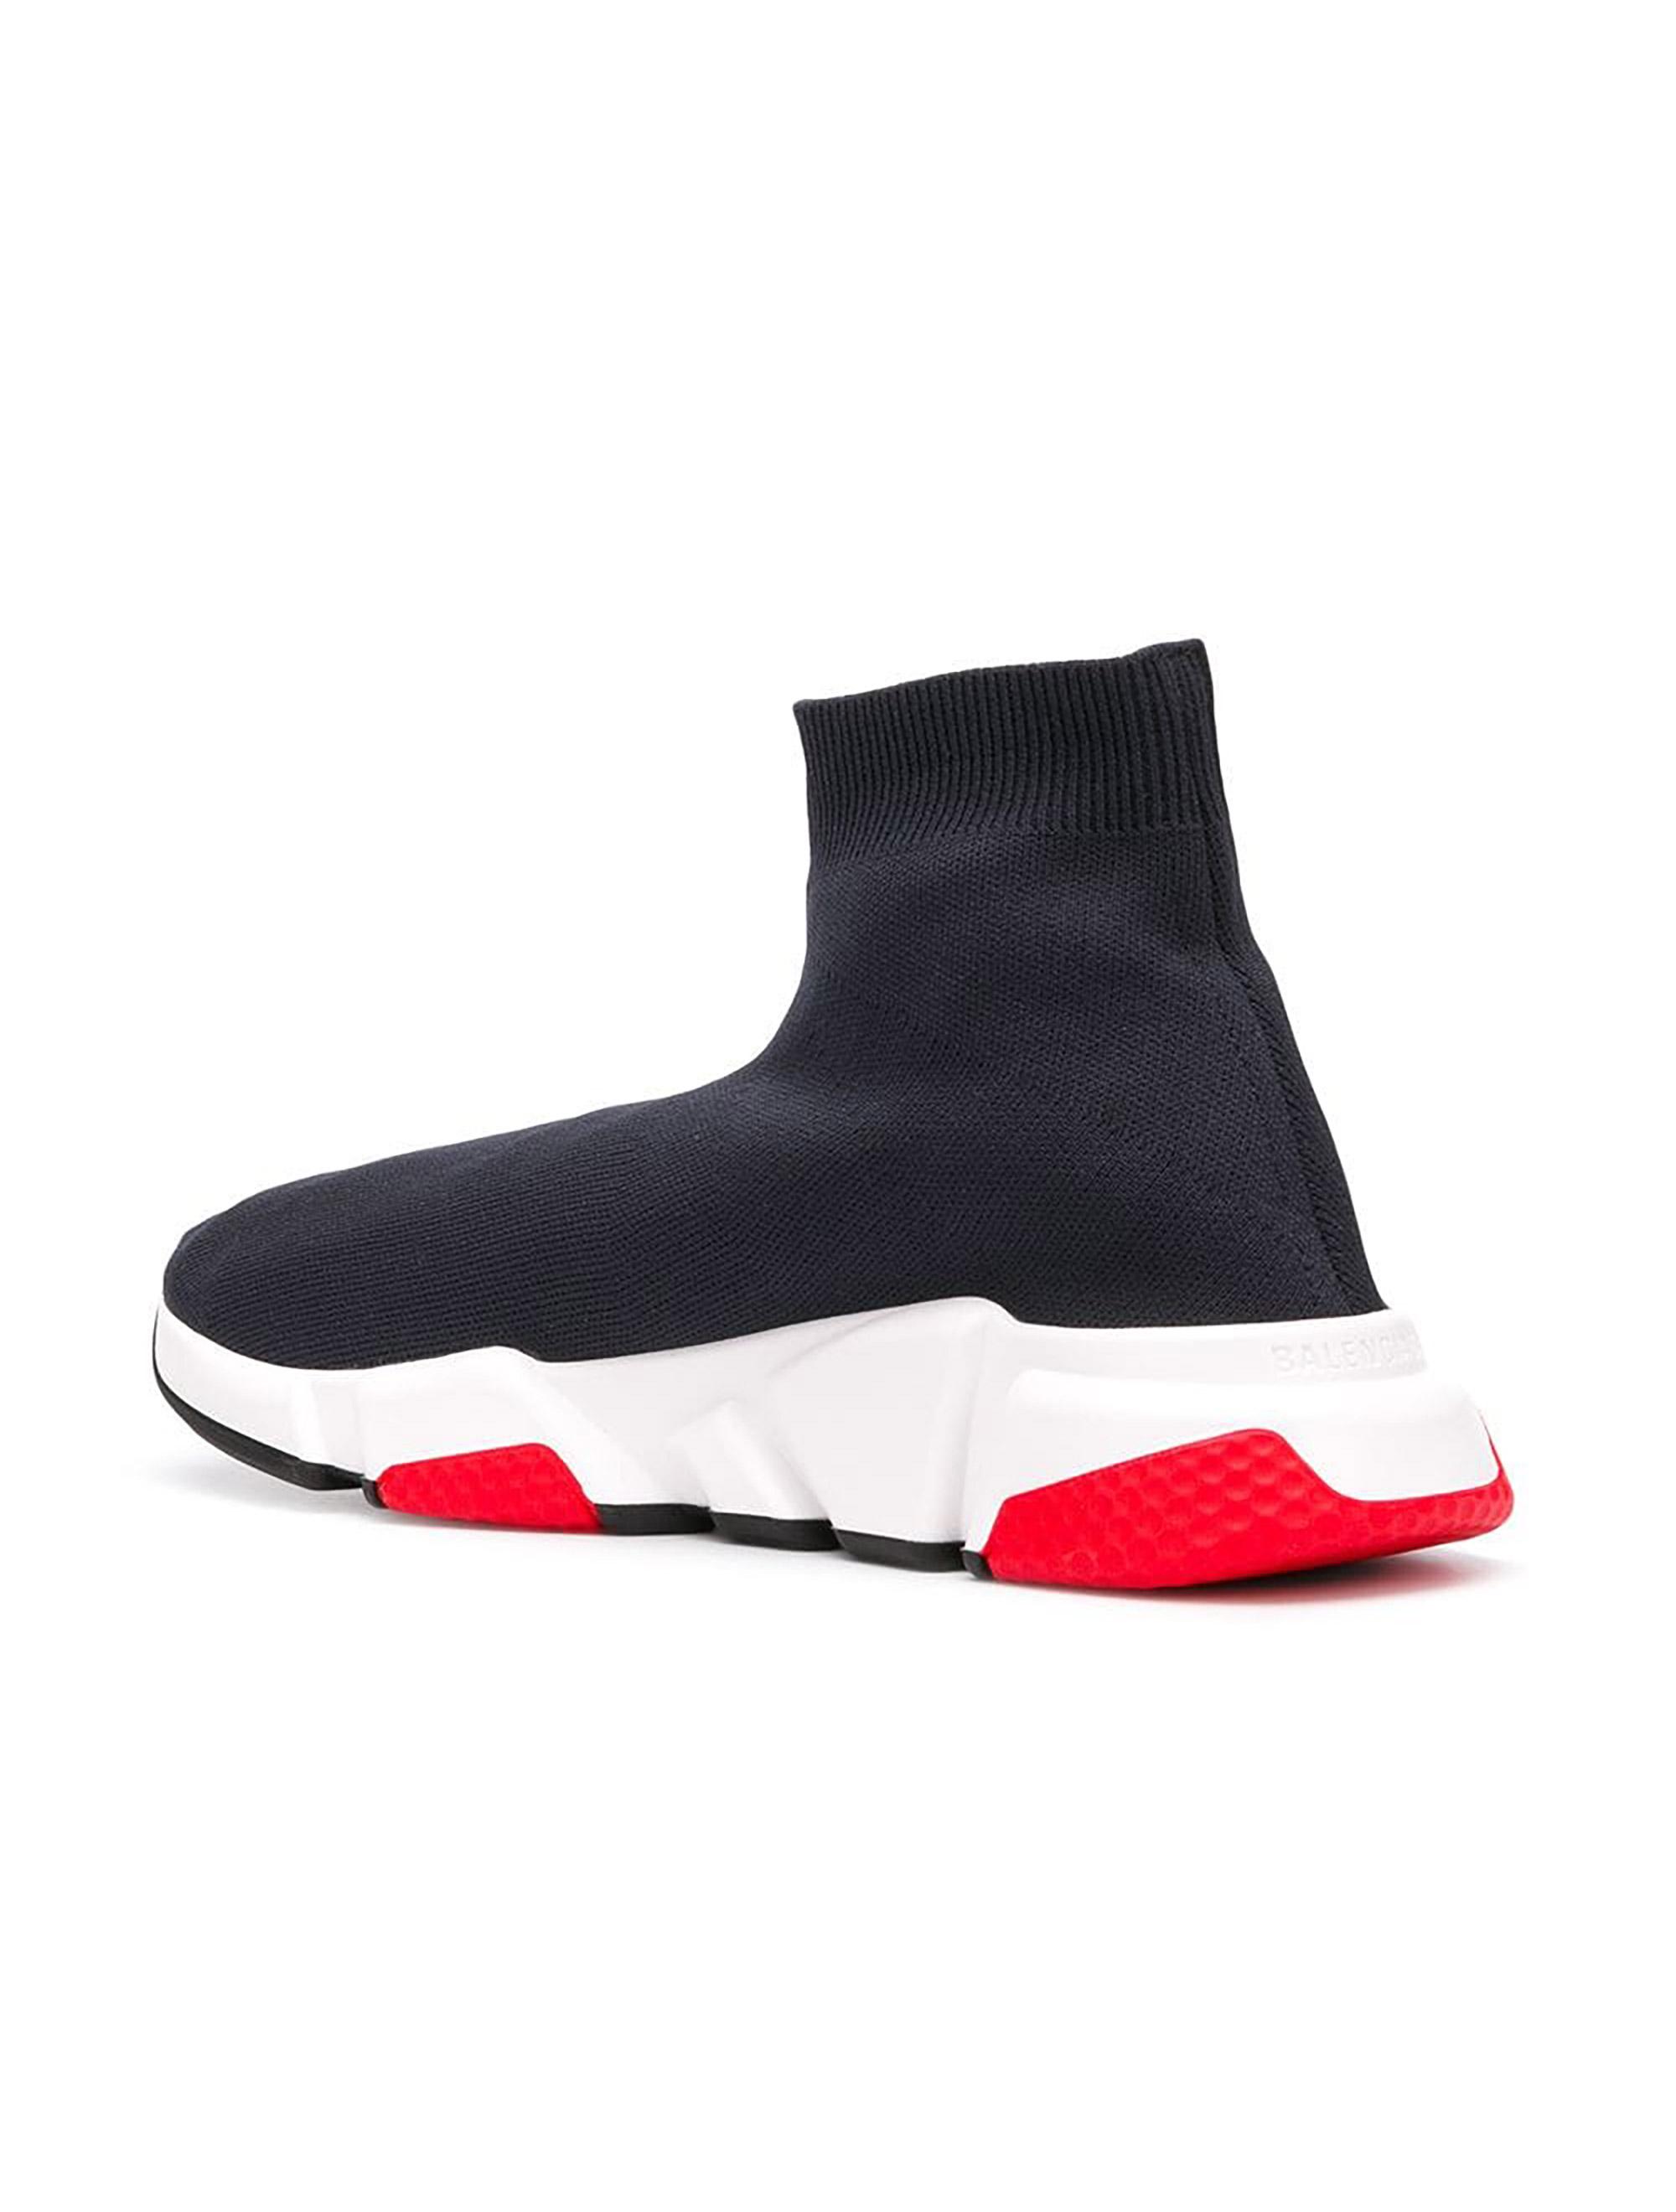 a8e57c5214b Balenciaga Speed Sneakers